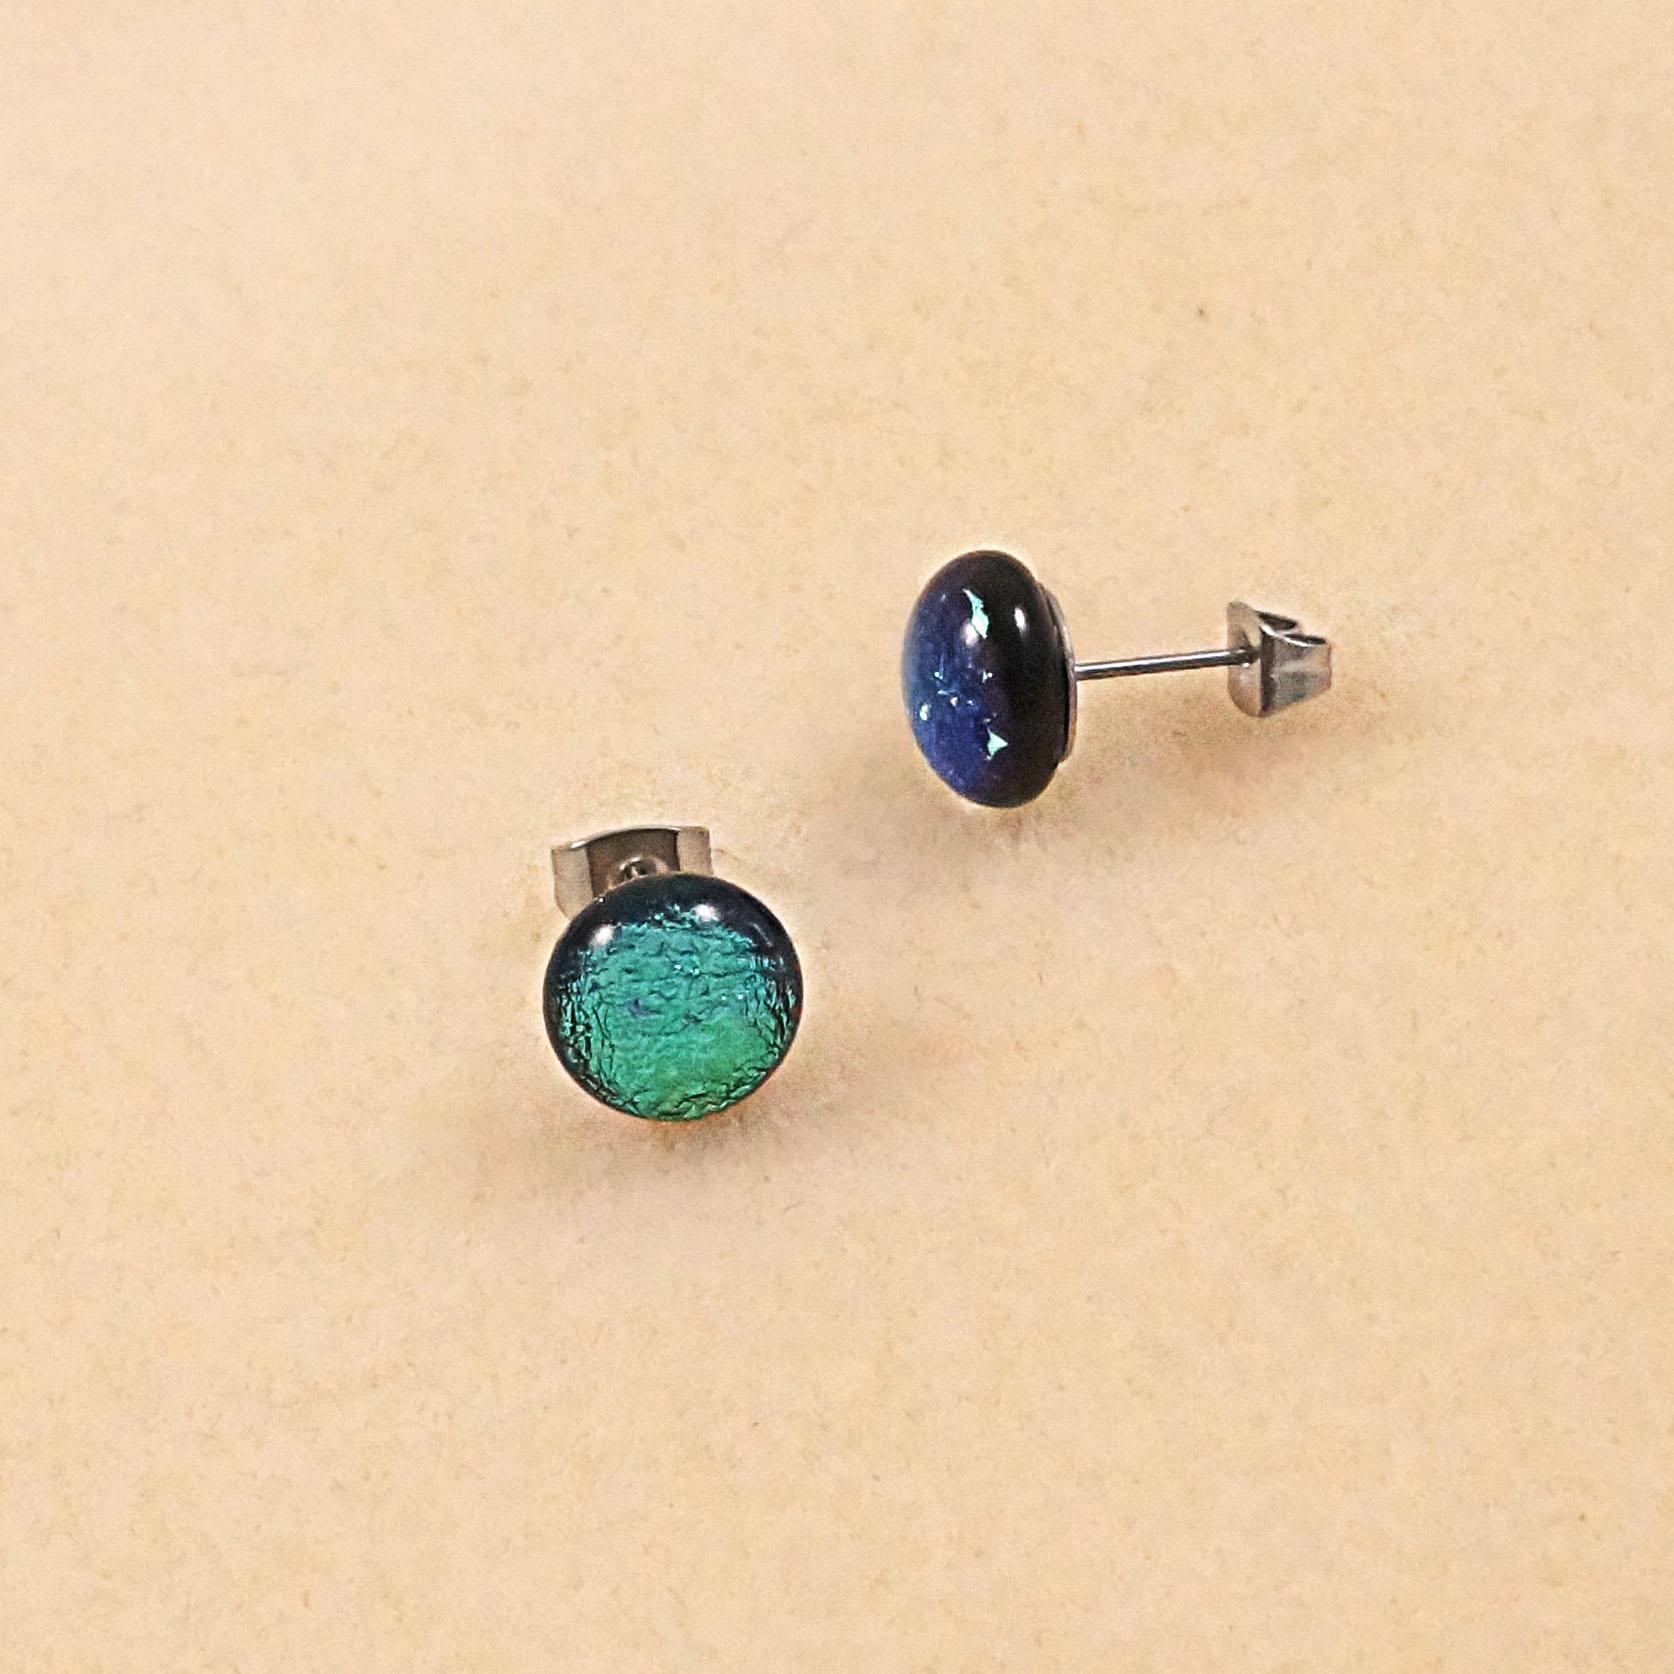 green dichroic stud earrings